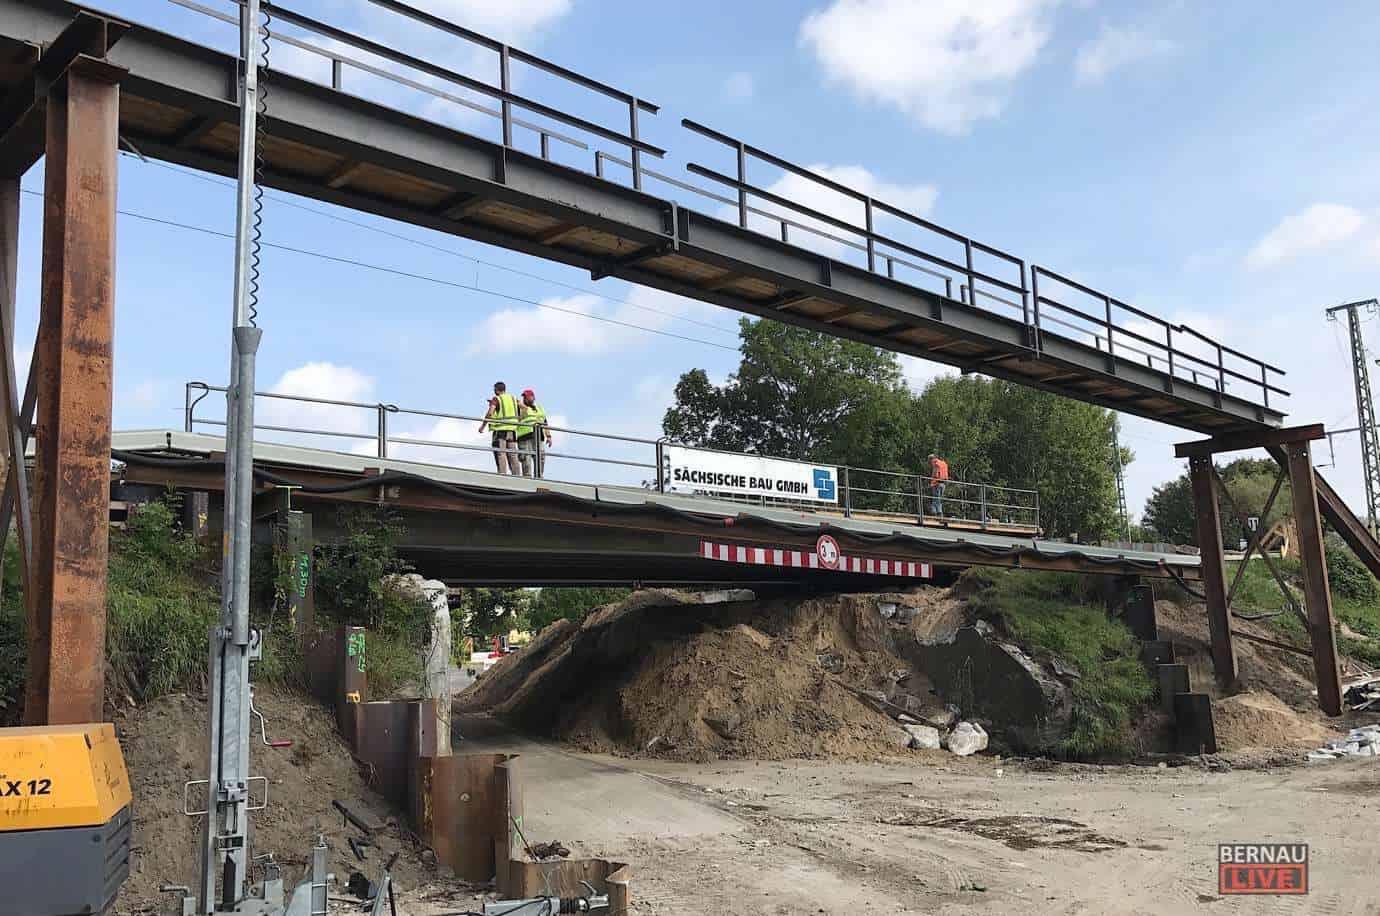 Verkehr: Bauarbeiten und Sperrungen in Bernau bei Berlin